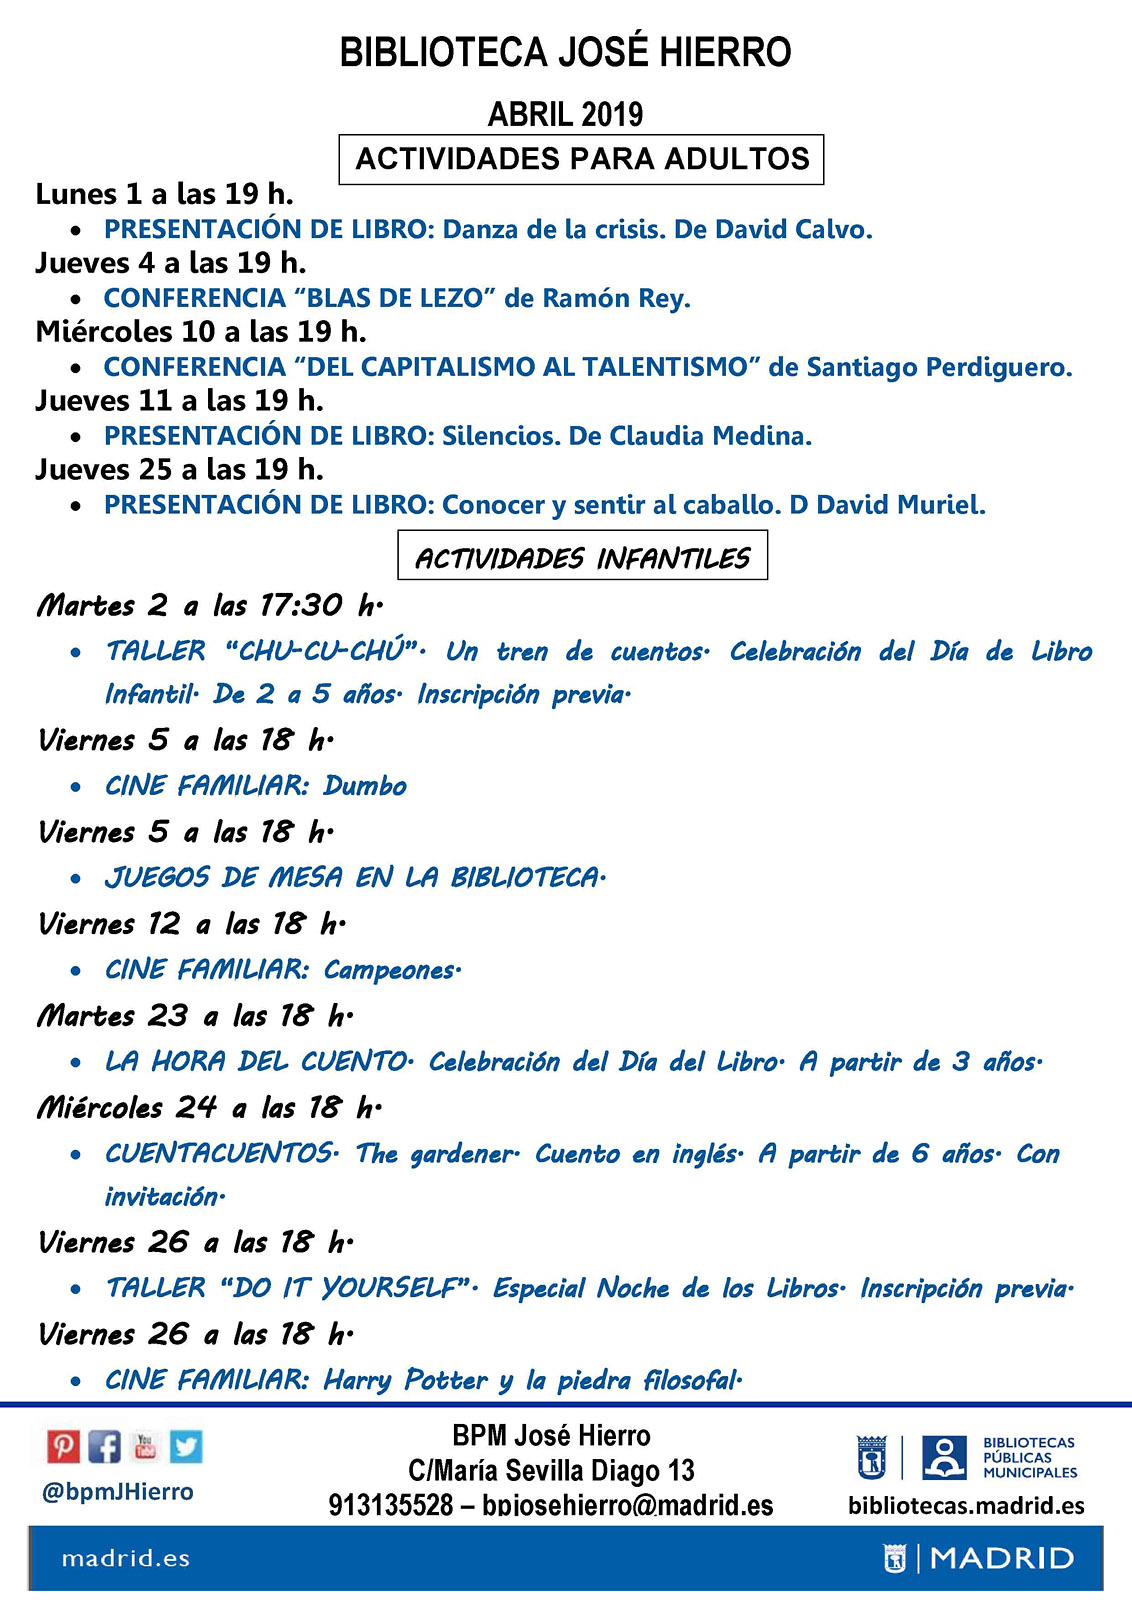 biblioteca-jose-hierro-abril